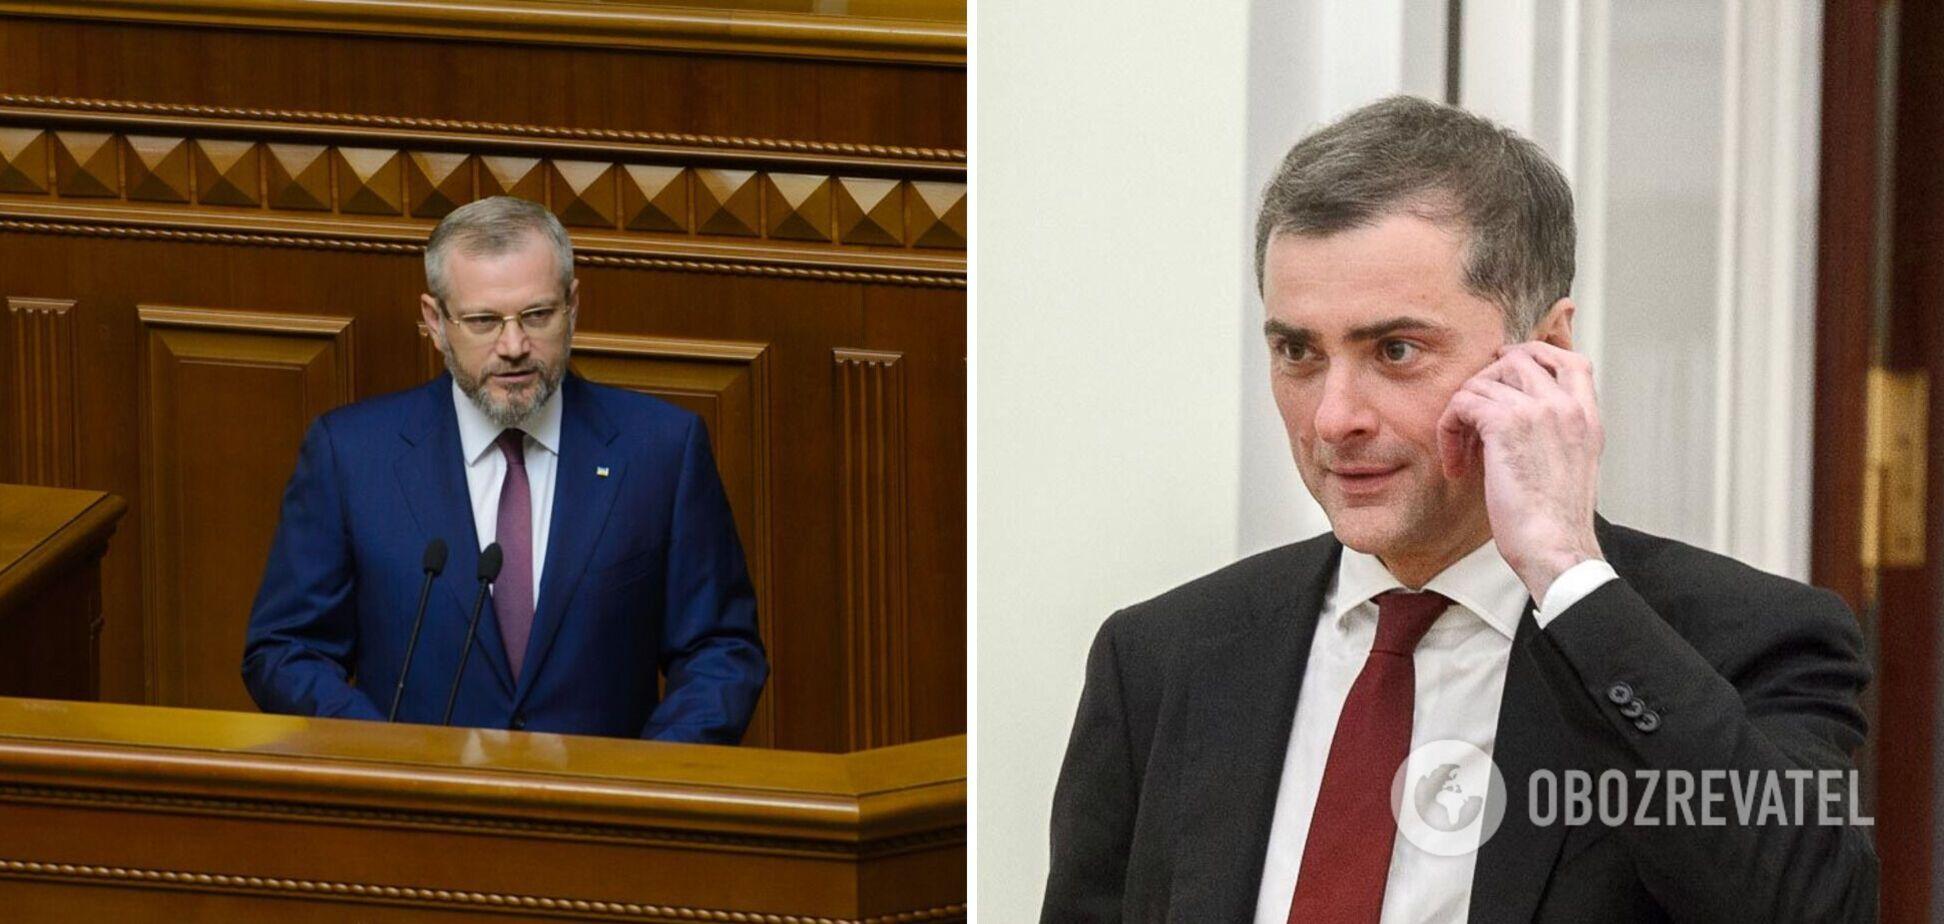 Олександр Вілкул та Владислав Сурков